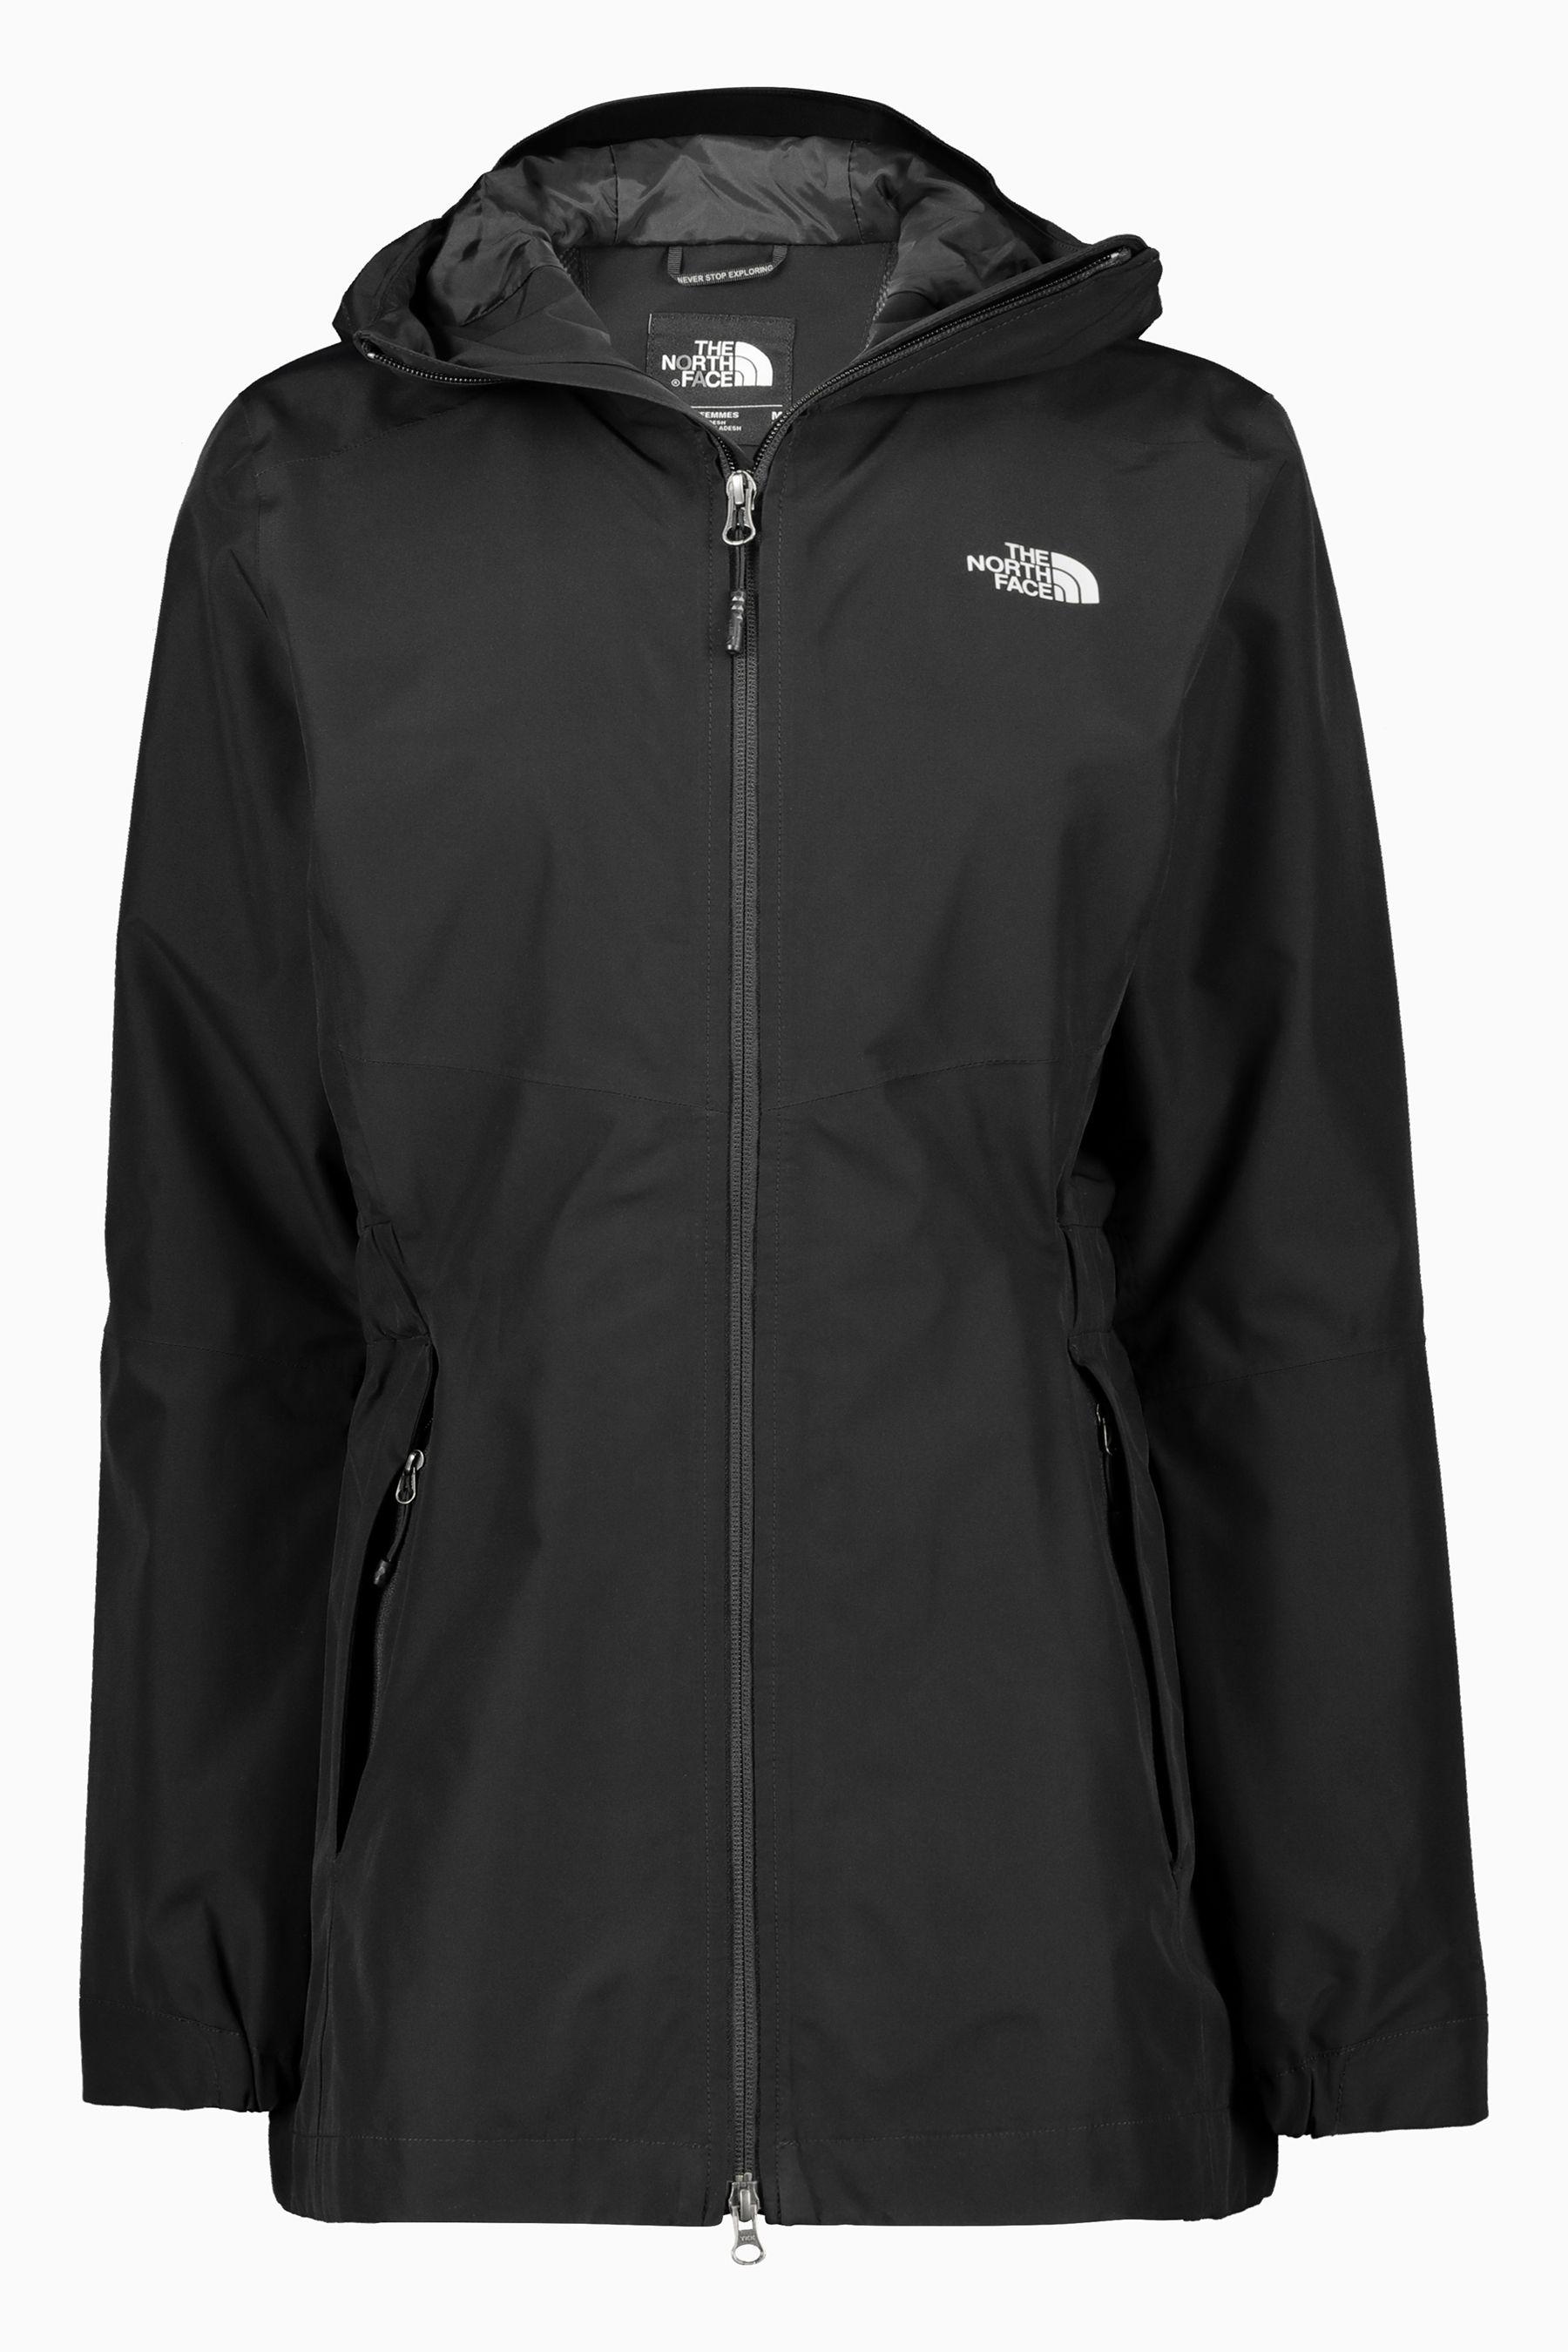 c622b6e7e Womens The North Face Black Hikesteller Parka Shell Jacket - Black ...